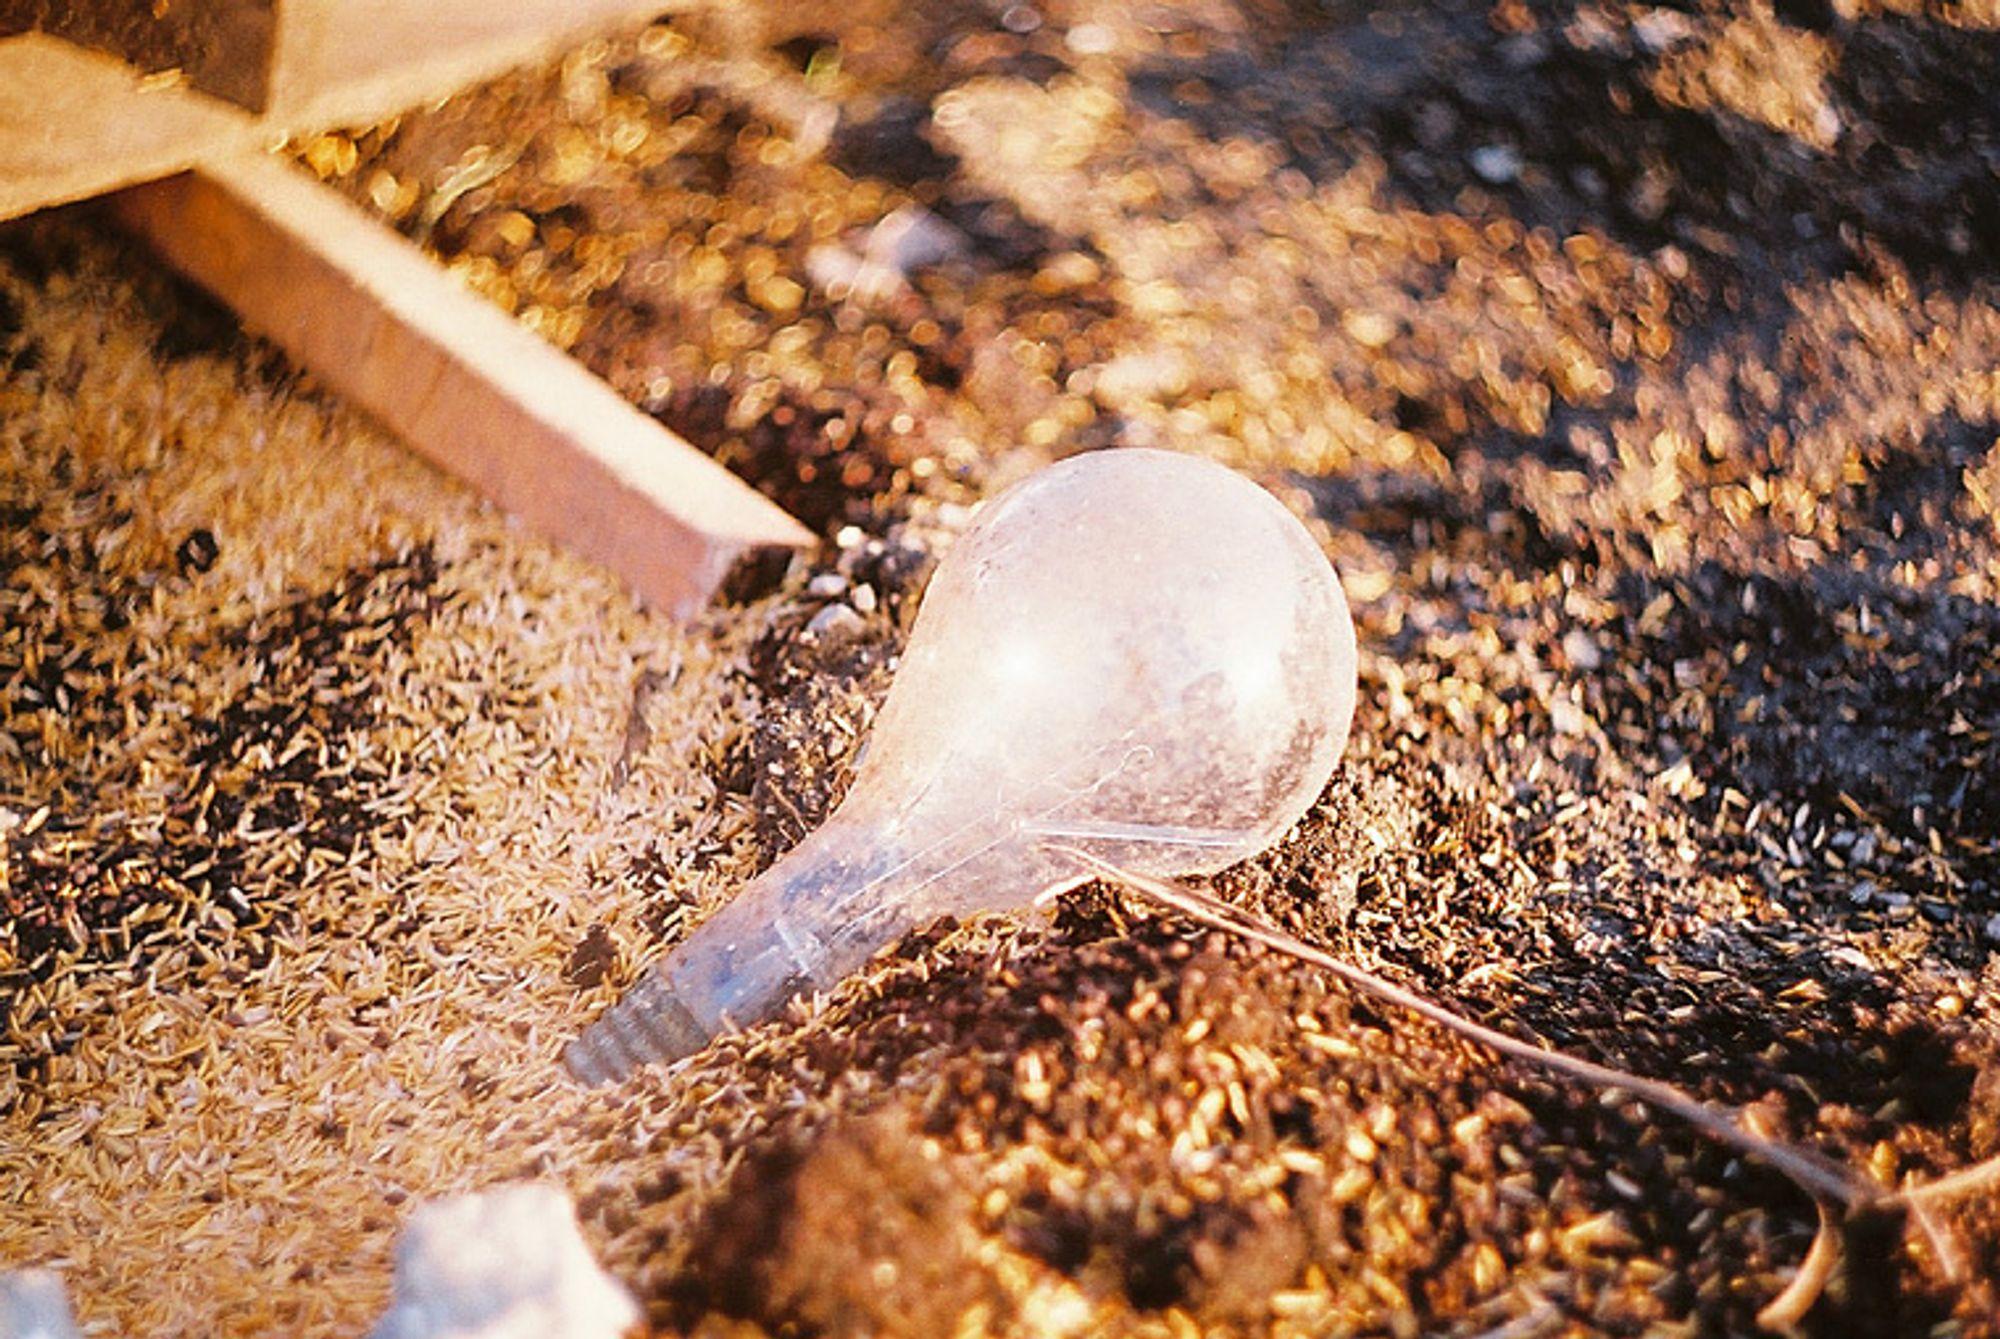 Sparepærer og lysstoffrør inneholder en rekke miljøskadelige stoffer. Svært mye kastets som van,lig aøppel i tedet for som spesialvafall eller til gjenvinning og resirkulering.